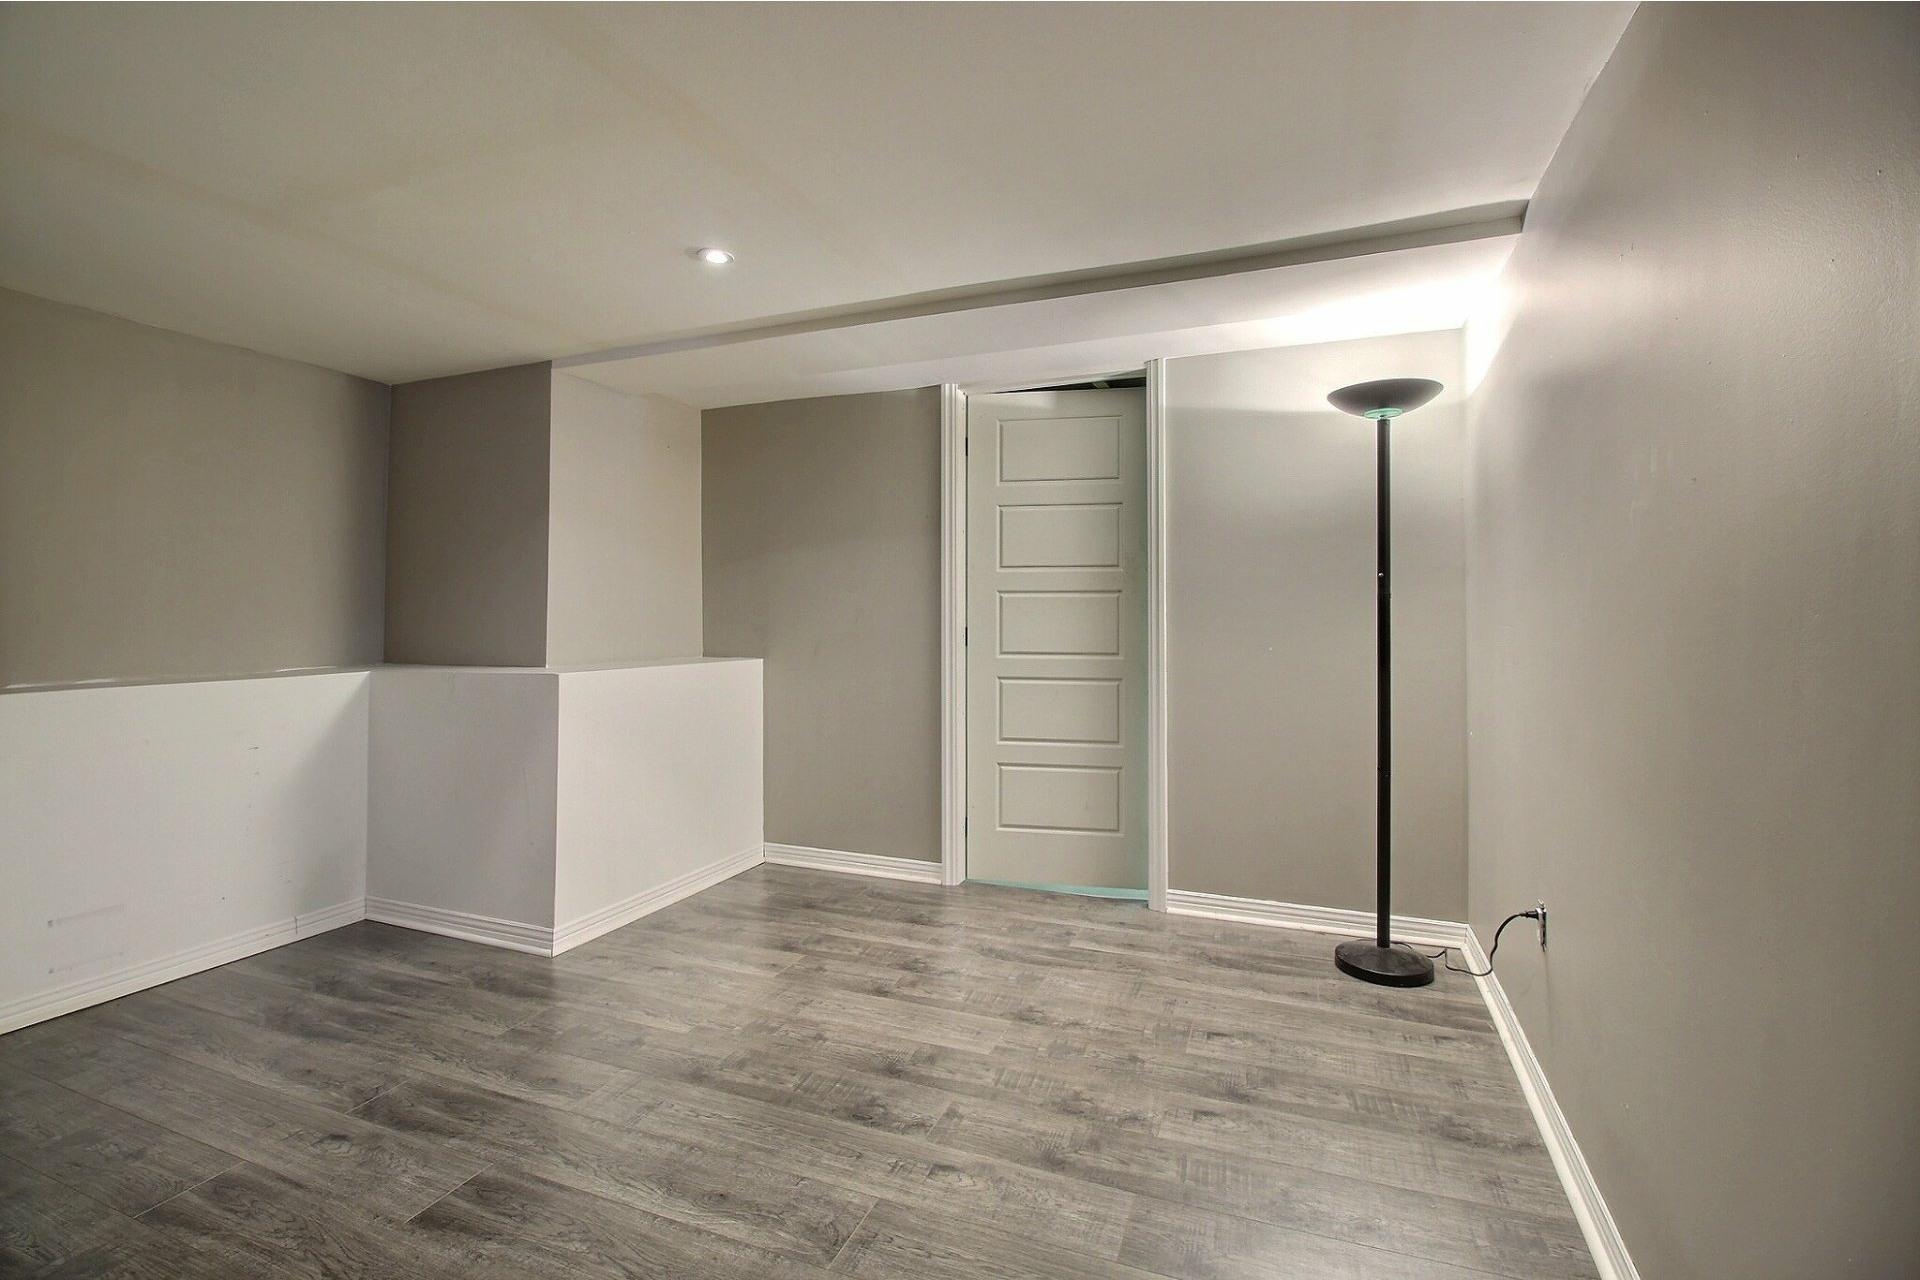 image 29 - Duplex For sale Joliette - 5 rooms